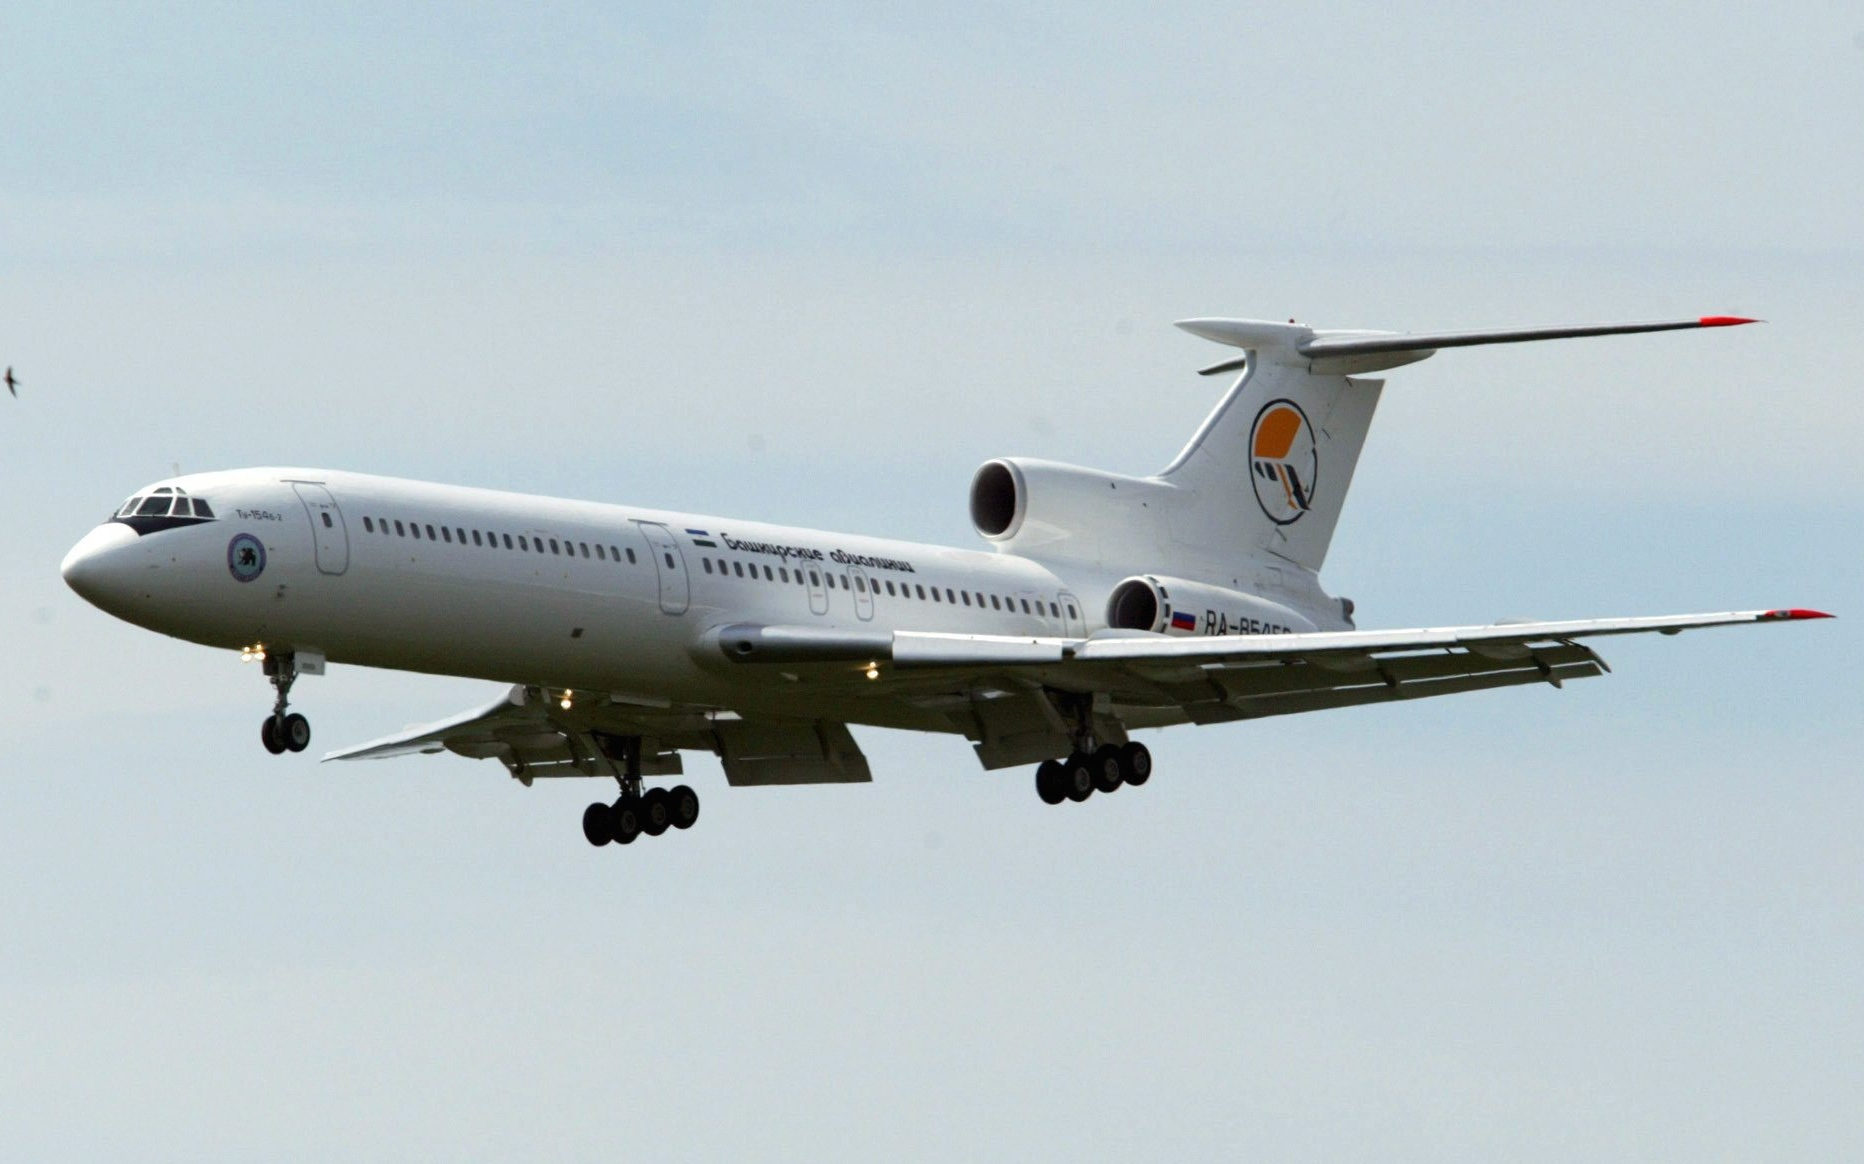 file-russia-aircrash-plane-sochi